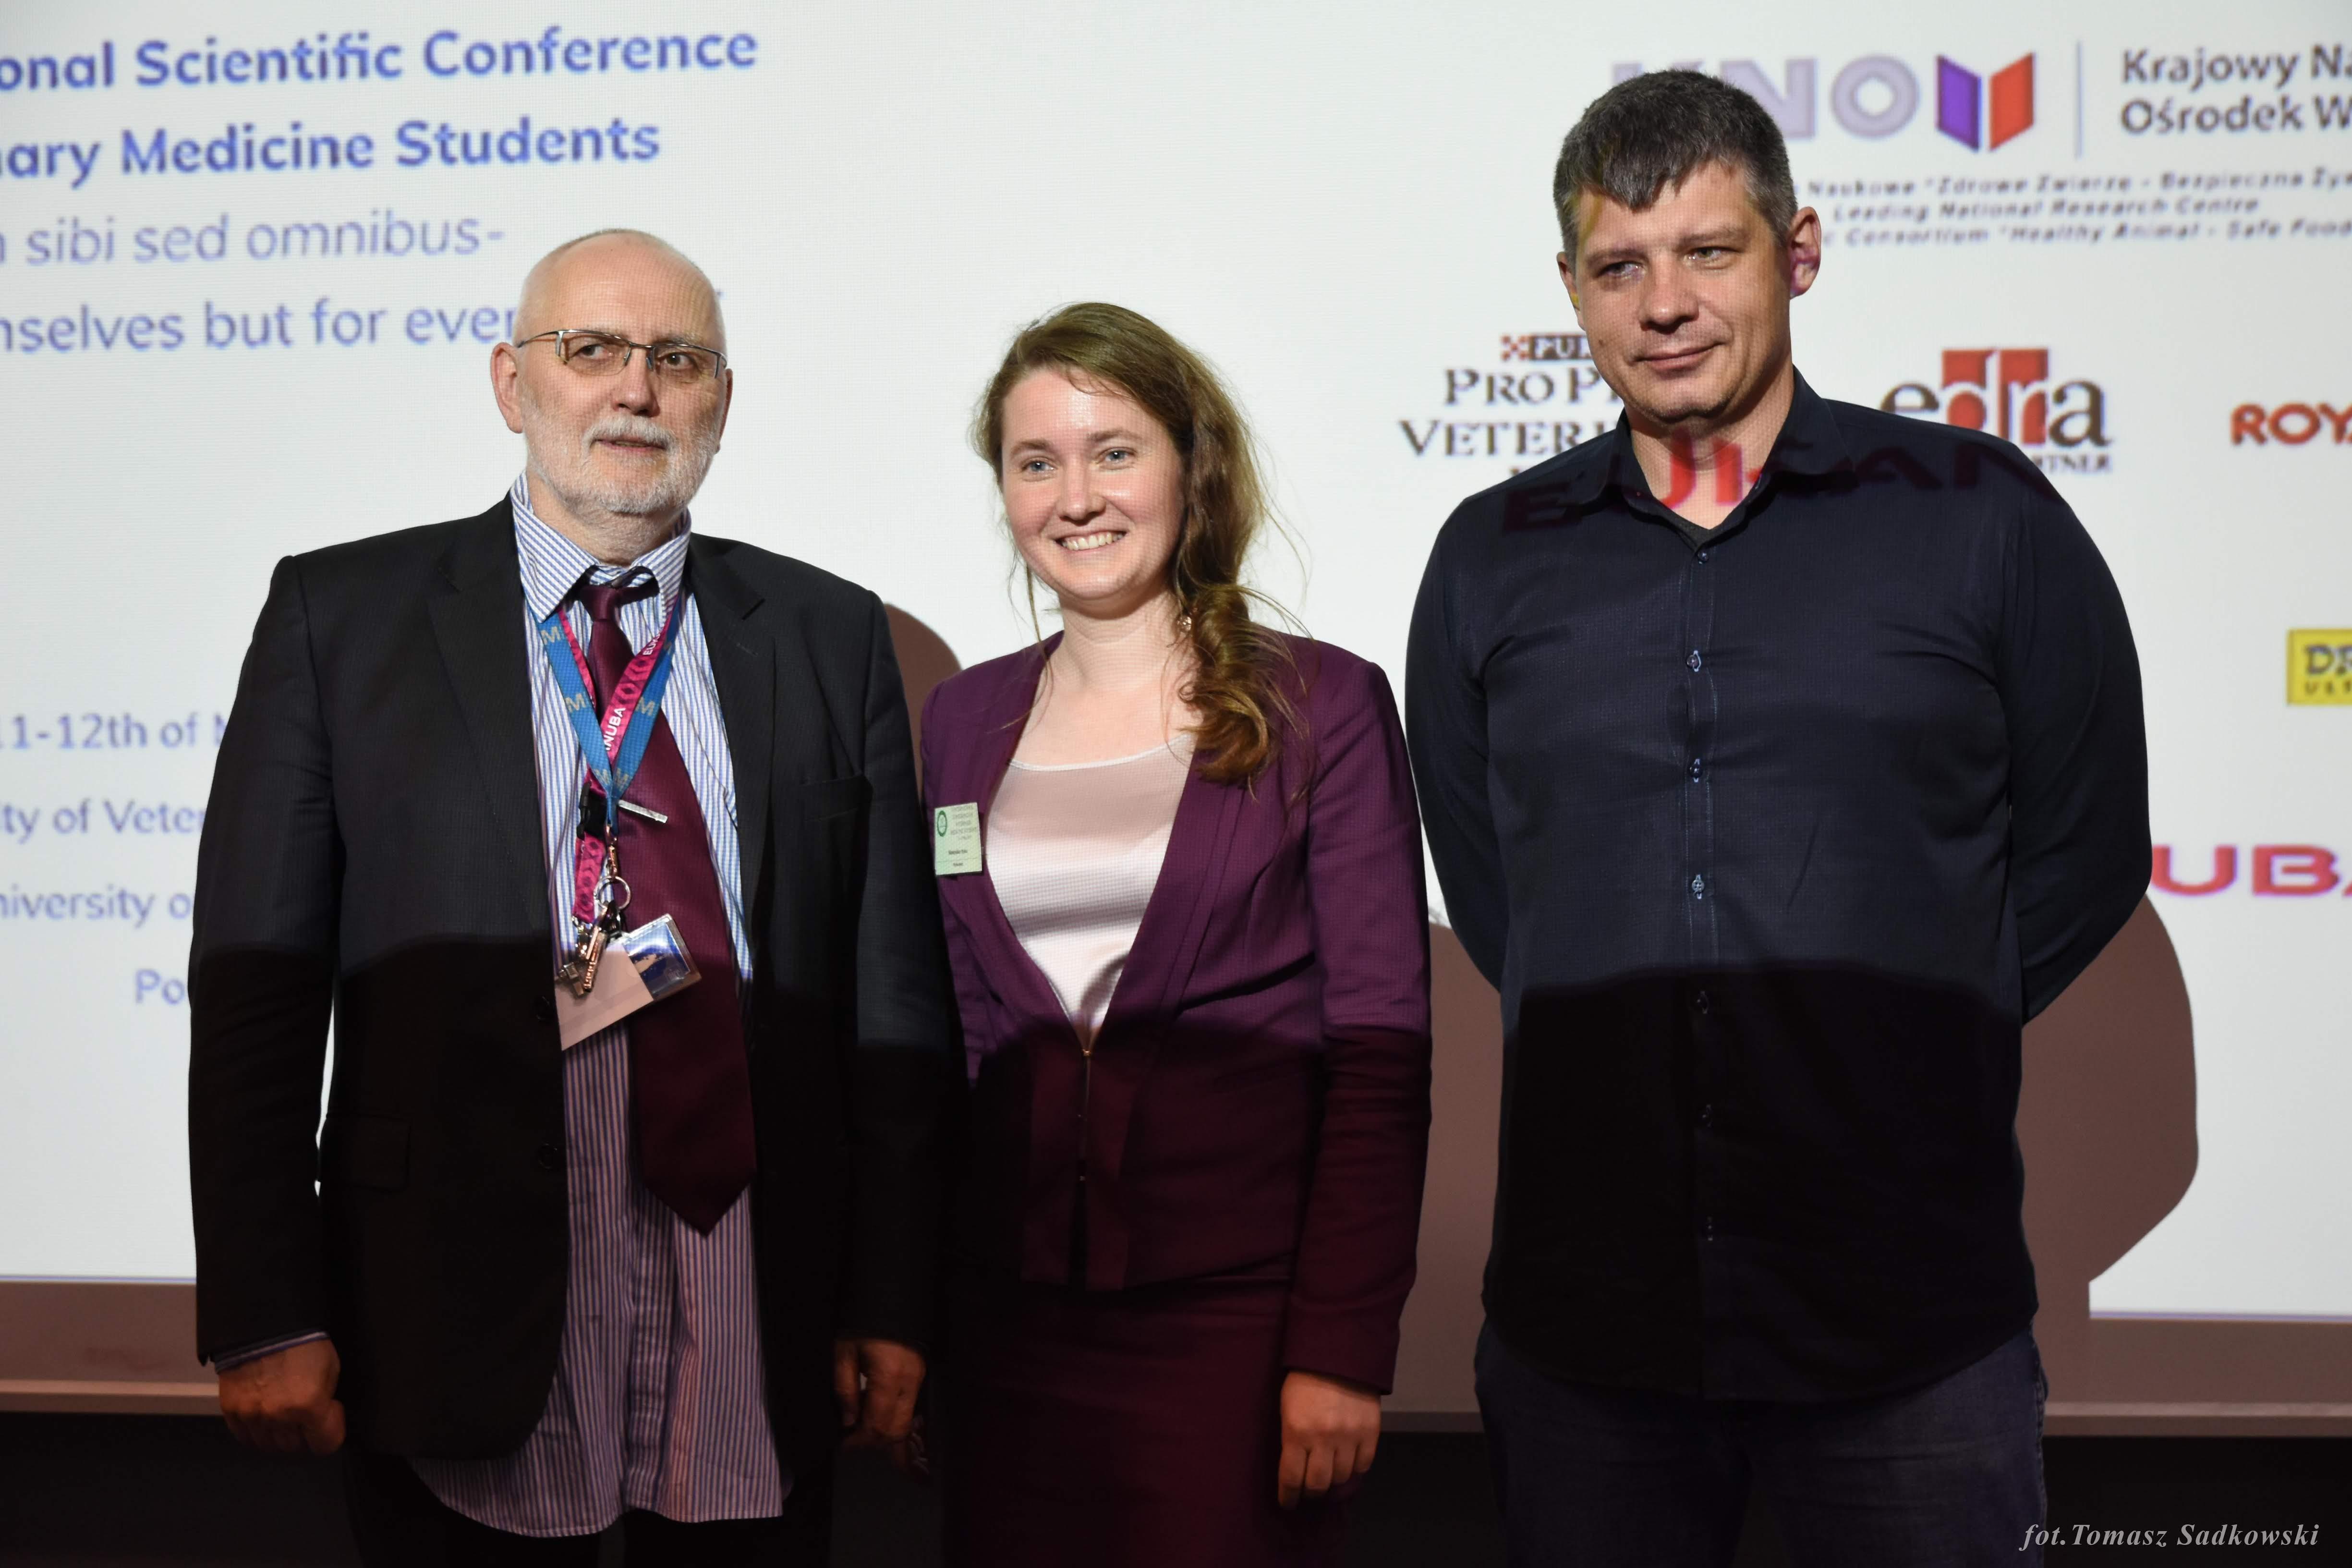 DVM Iryna Makovska, prof. Orzechowski, dr hab Witkowski